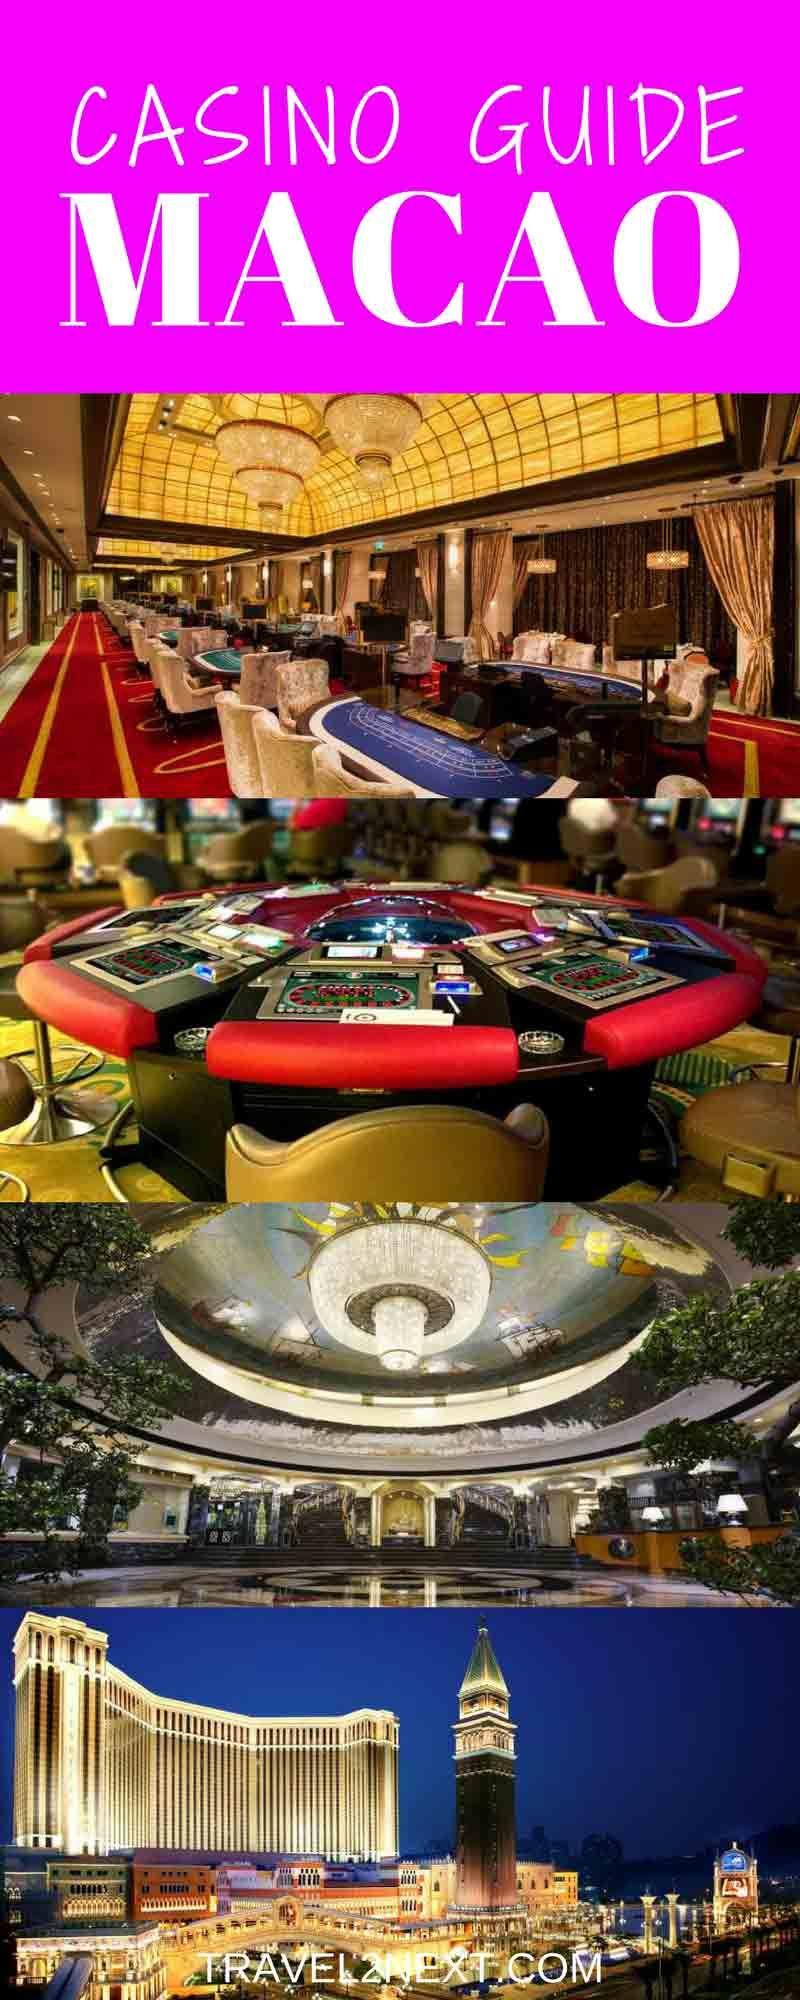 Casinoguide